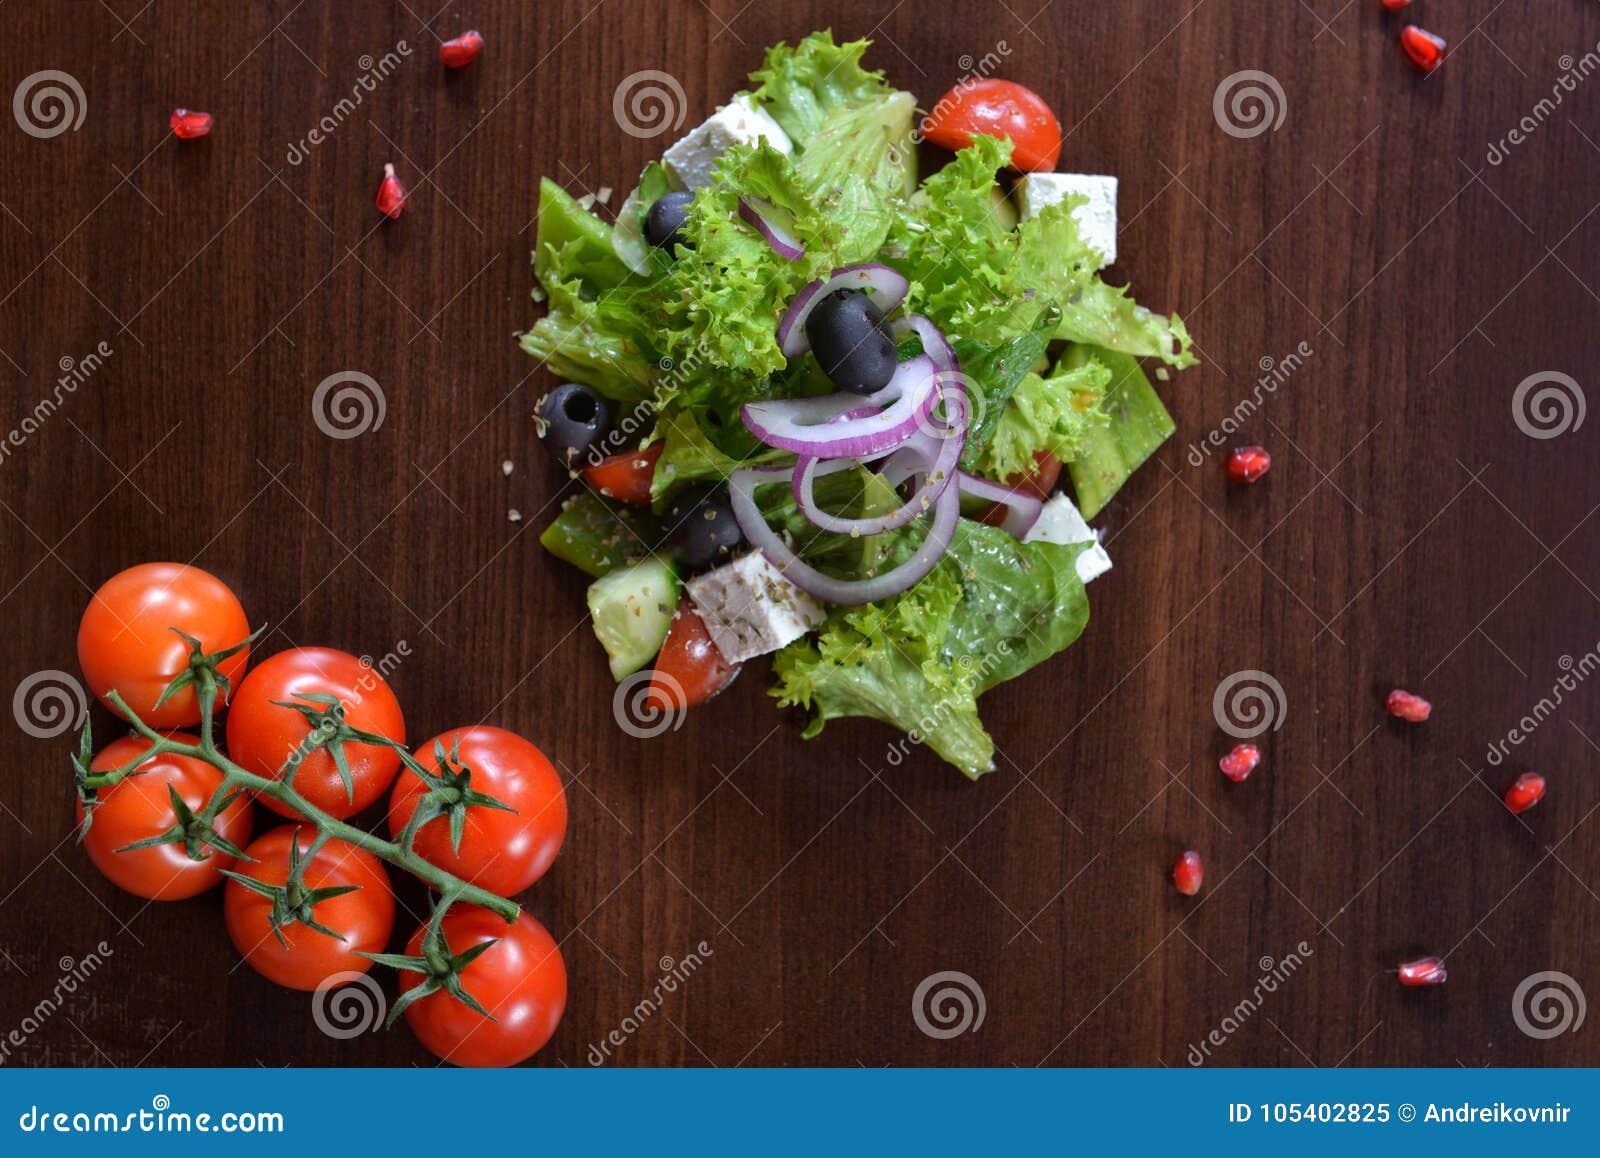 Download Γαστρονομικά τρόφιμα εστιατορίων - εύγευστο καπνισμένο κρέας, ψάρια και φυτικές σαλάτες Τρόφιμα εστιατορίων ορεκτικών πολυτέλειας Στοκ Εικόνα - εικόνα από μαύρα, φρέσκος: 105402825